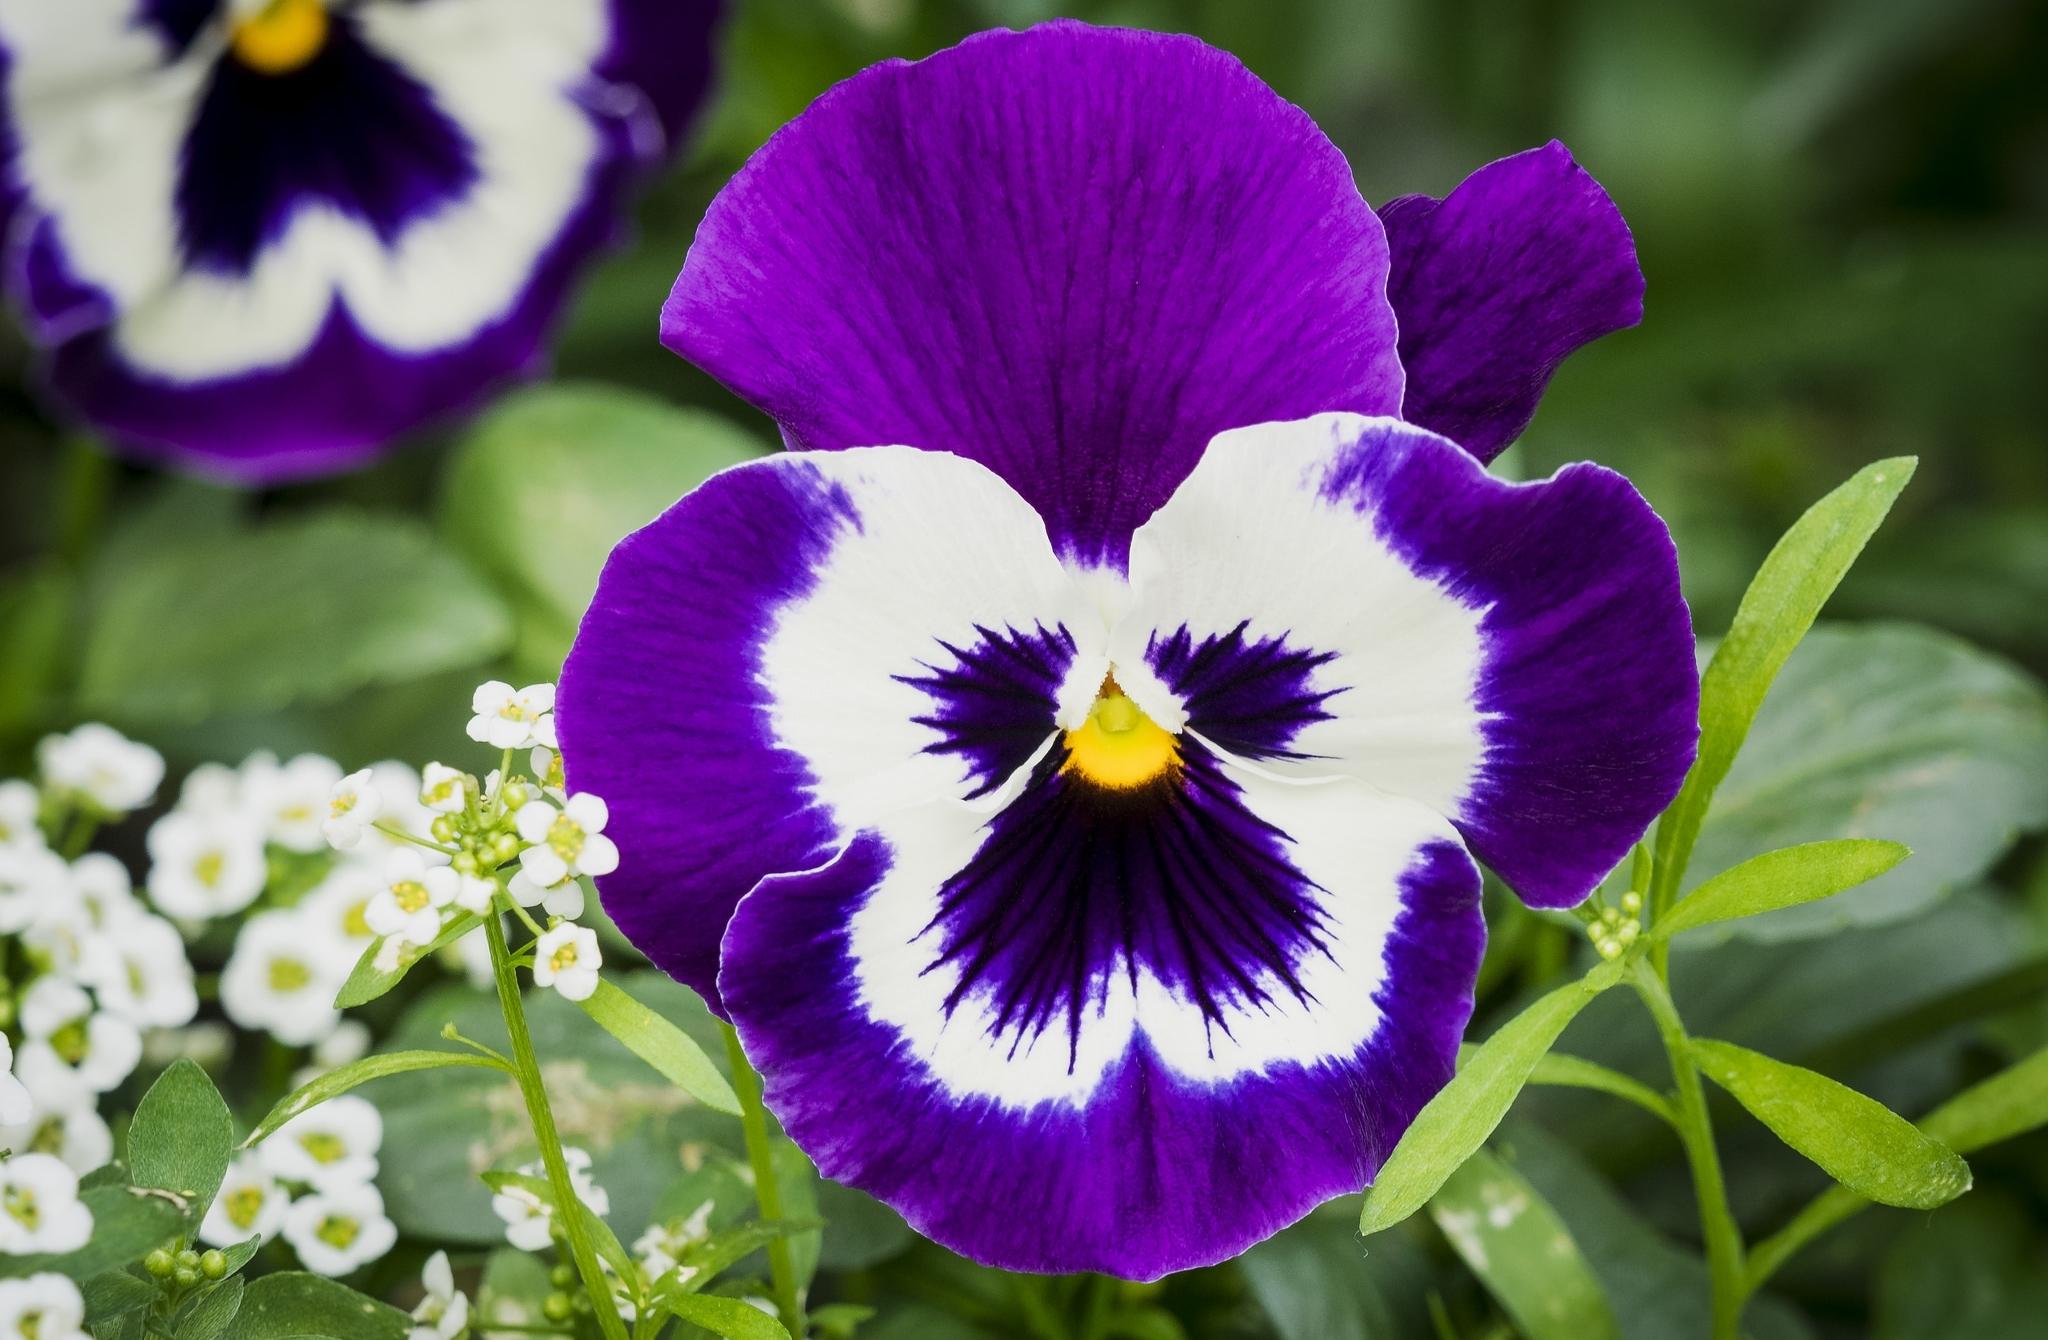 анютины глазки фото цветов хорошего разрешения качестве неоспоримого бонуса